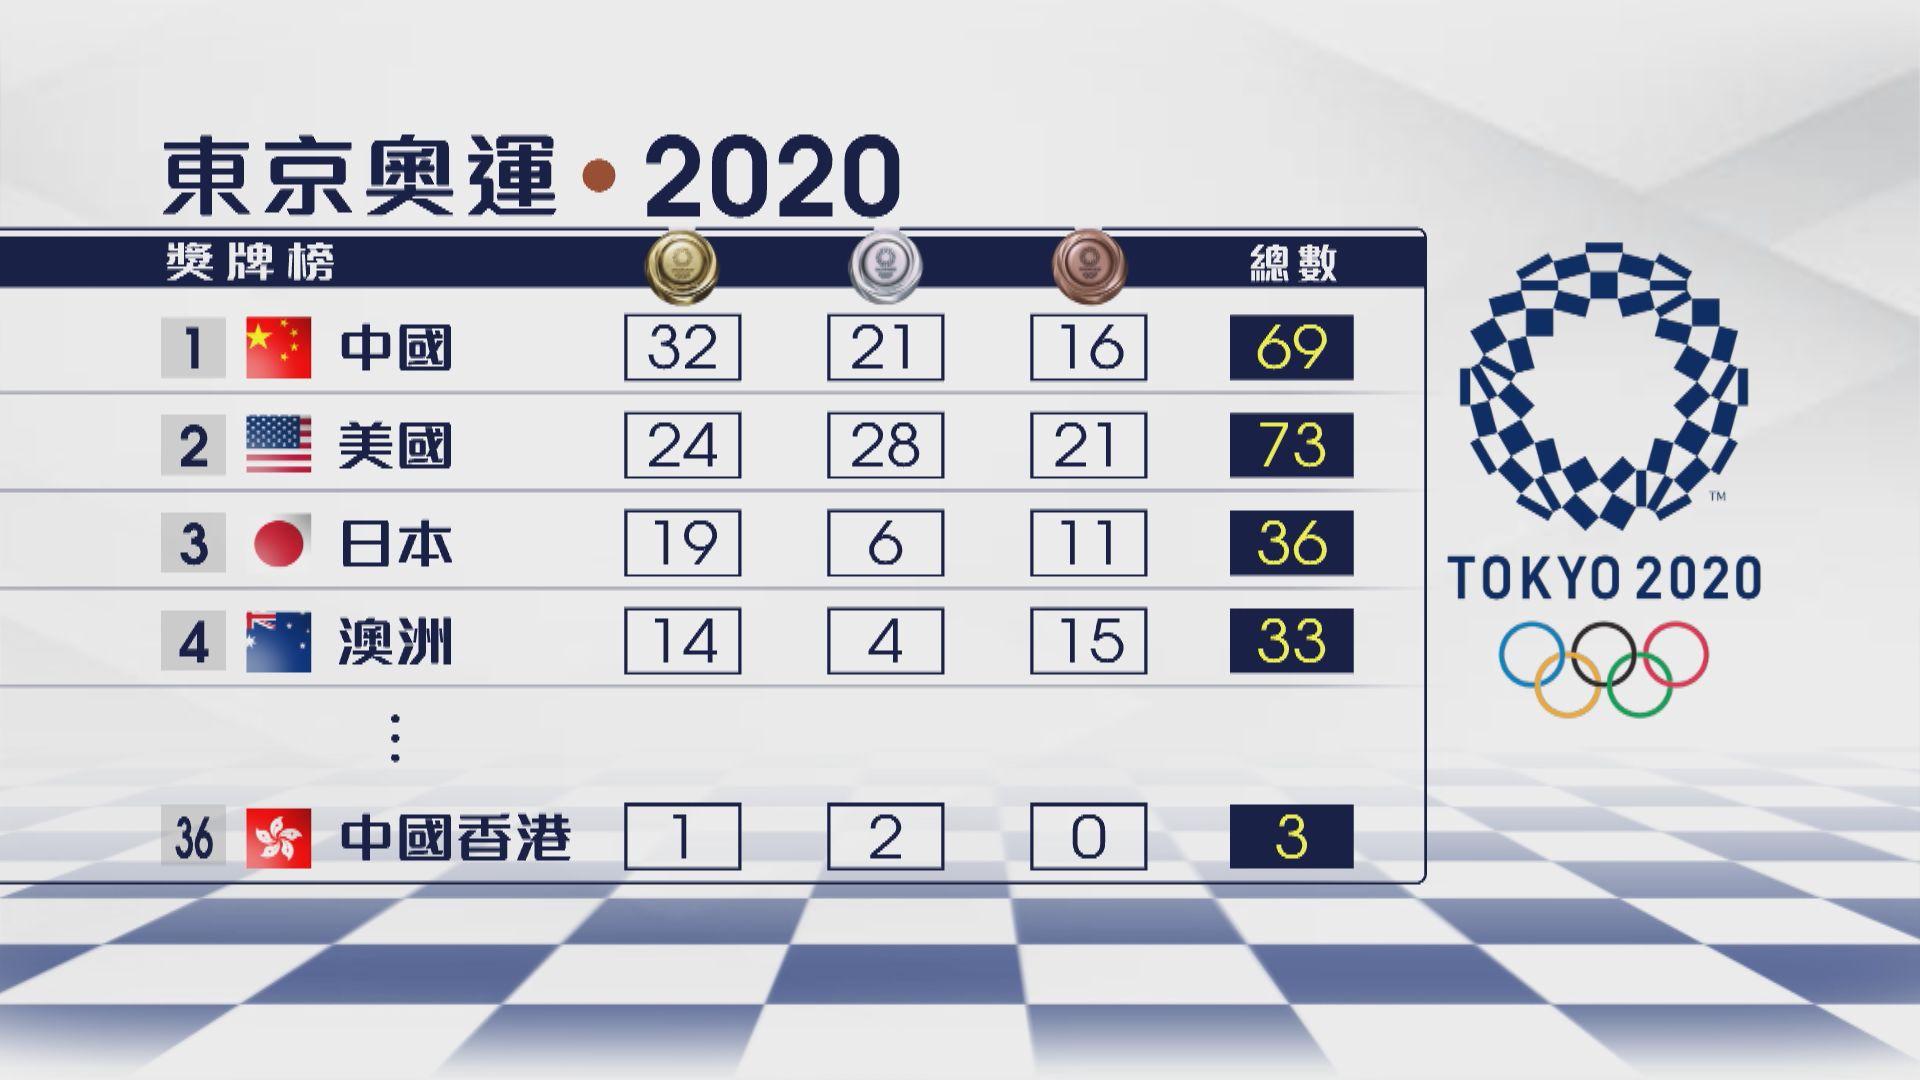 【奧運獎牌榜】國家隊增三金繼續領先 港隊排36位